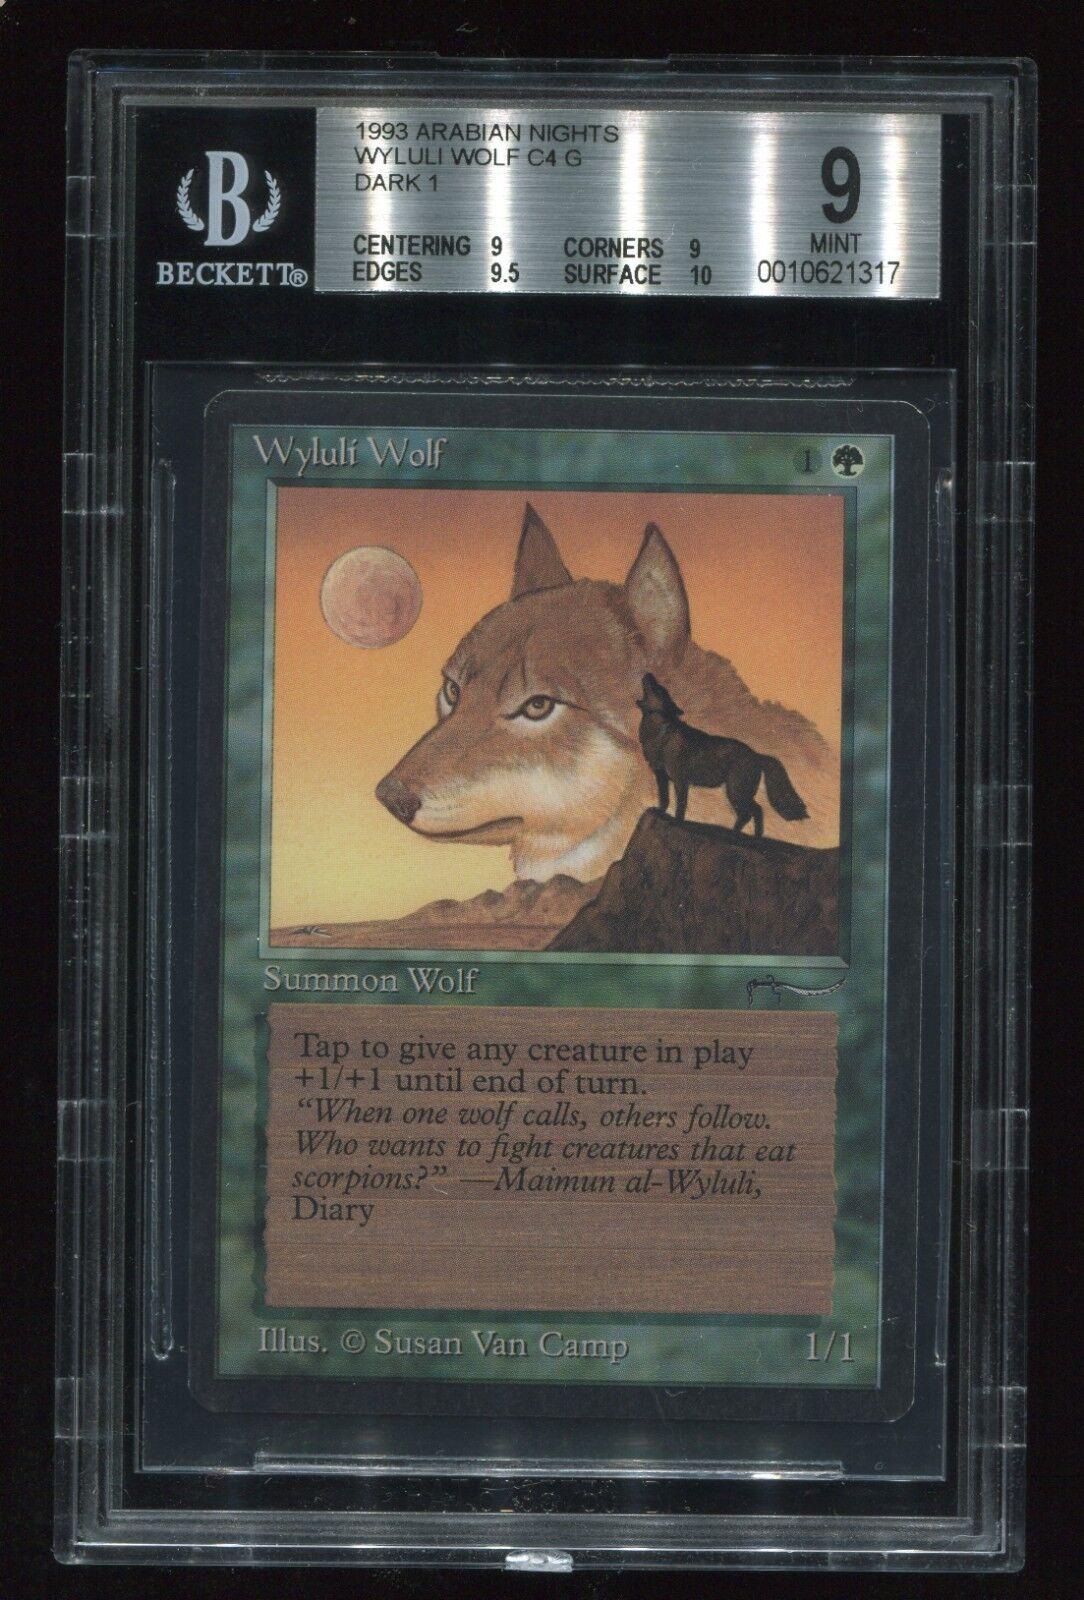 BGS Graded QUAD++ 9 w  9.5 & 10 subs  Arabian Nights Wyluli Wolf Dark MTG magic